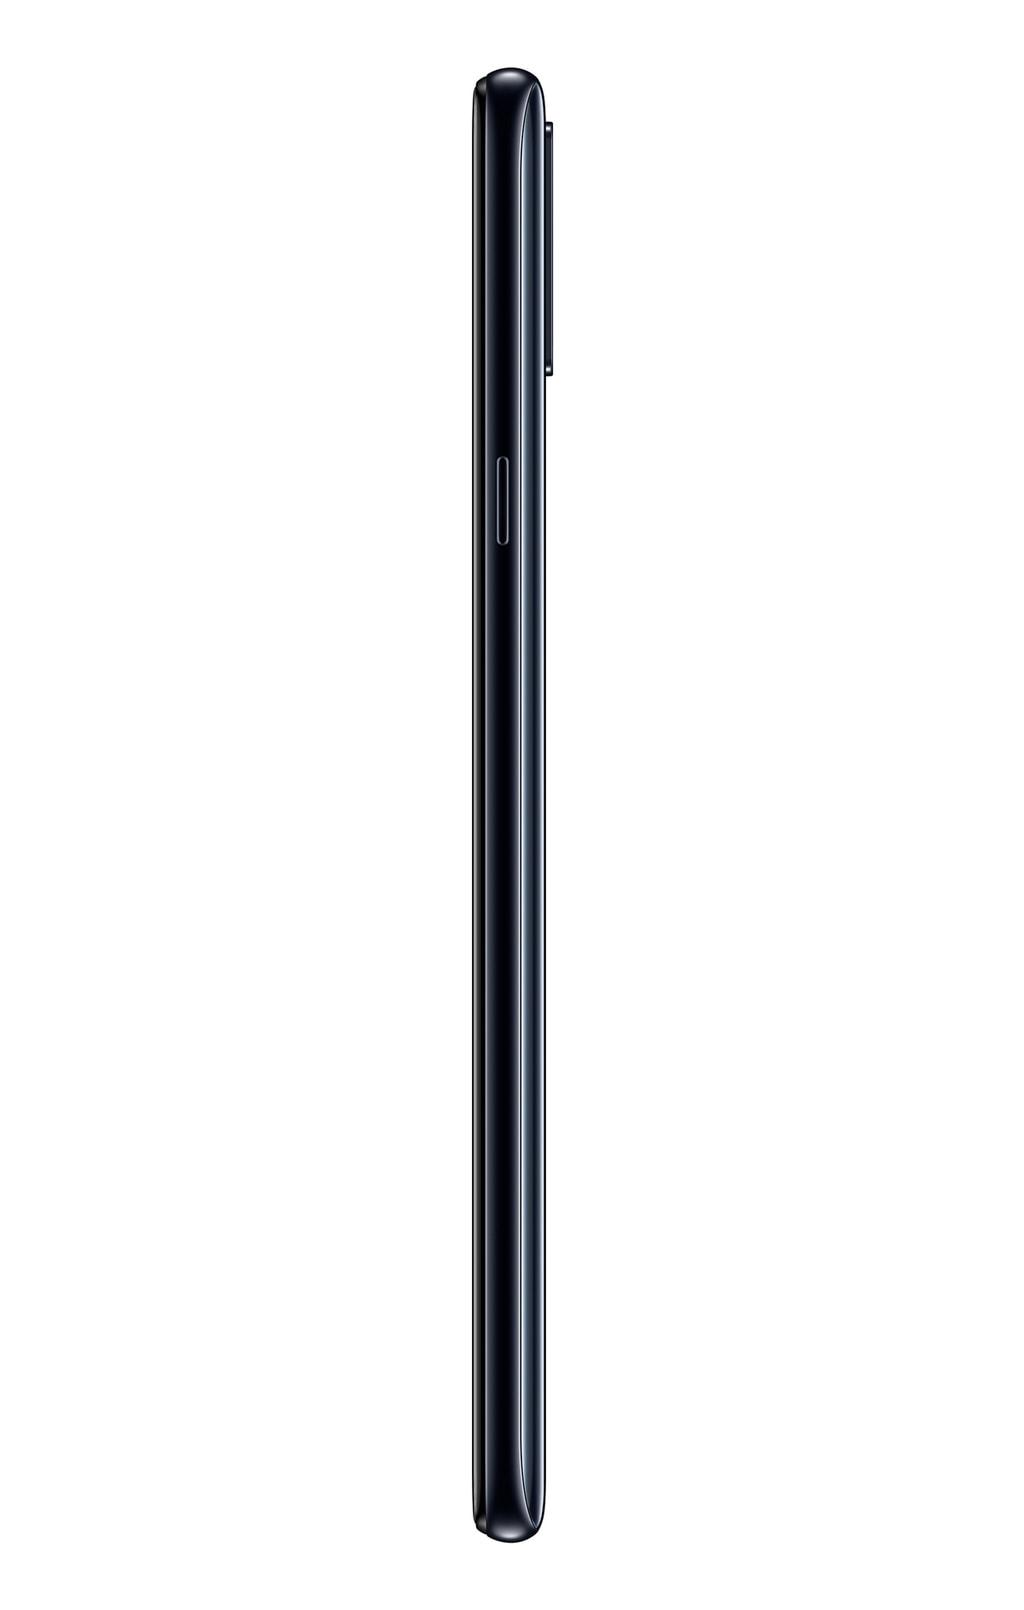 Samsung_Galaxy-A20s_SM-A207F_Black_90_CMYK